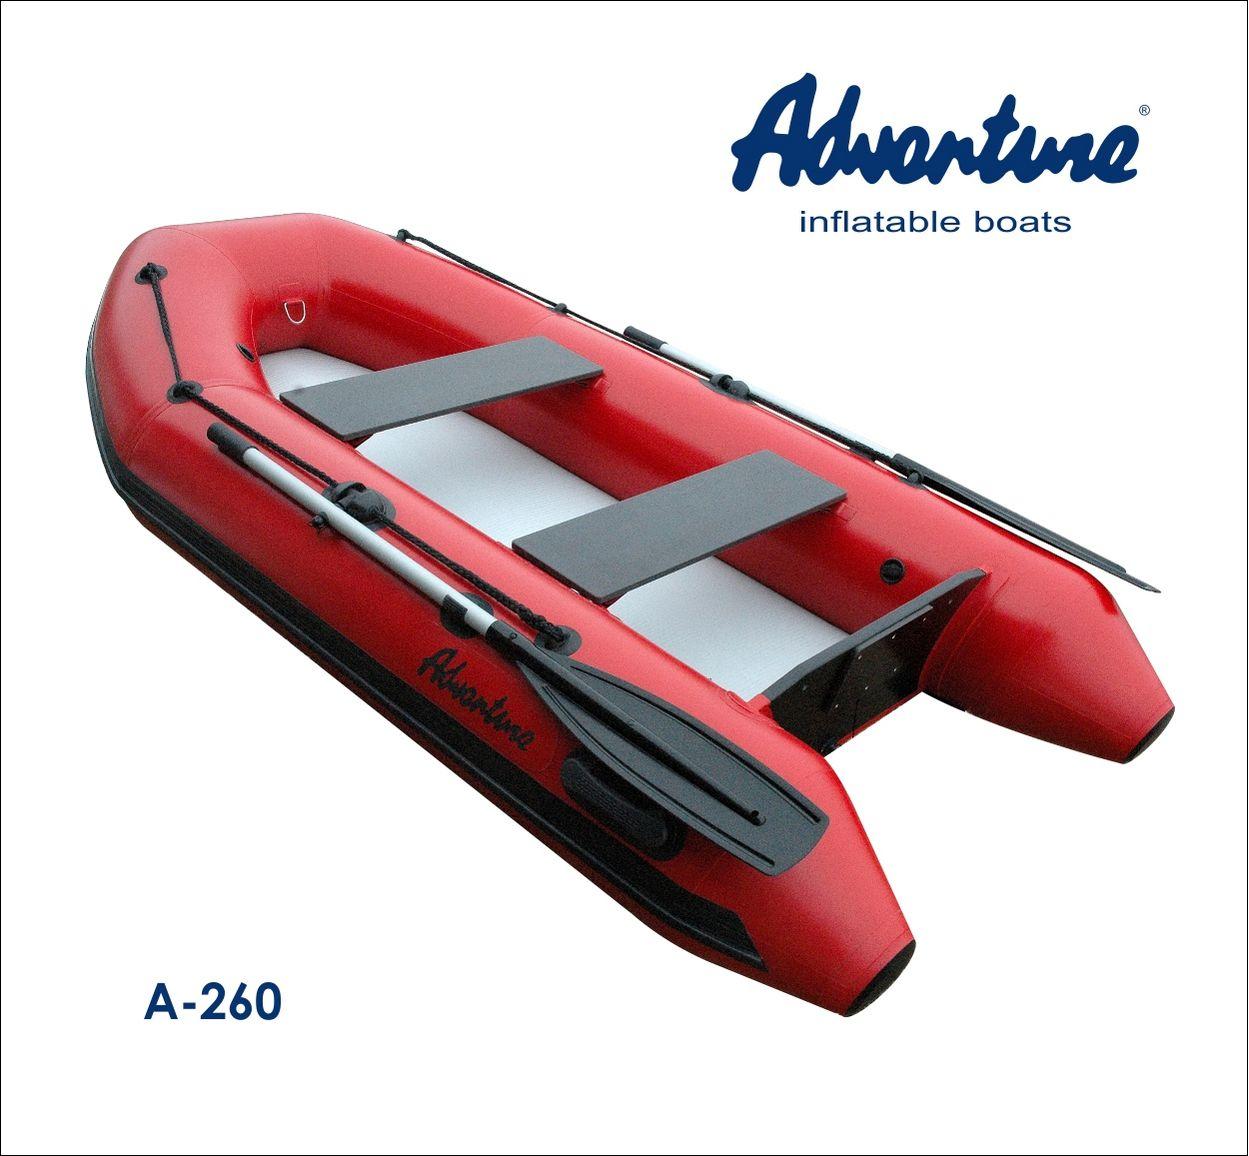 Надувная лодка Adventure Arta A-260 - фото 1